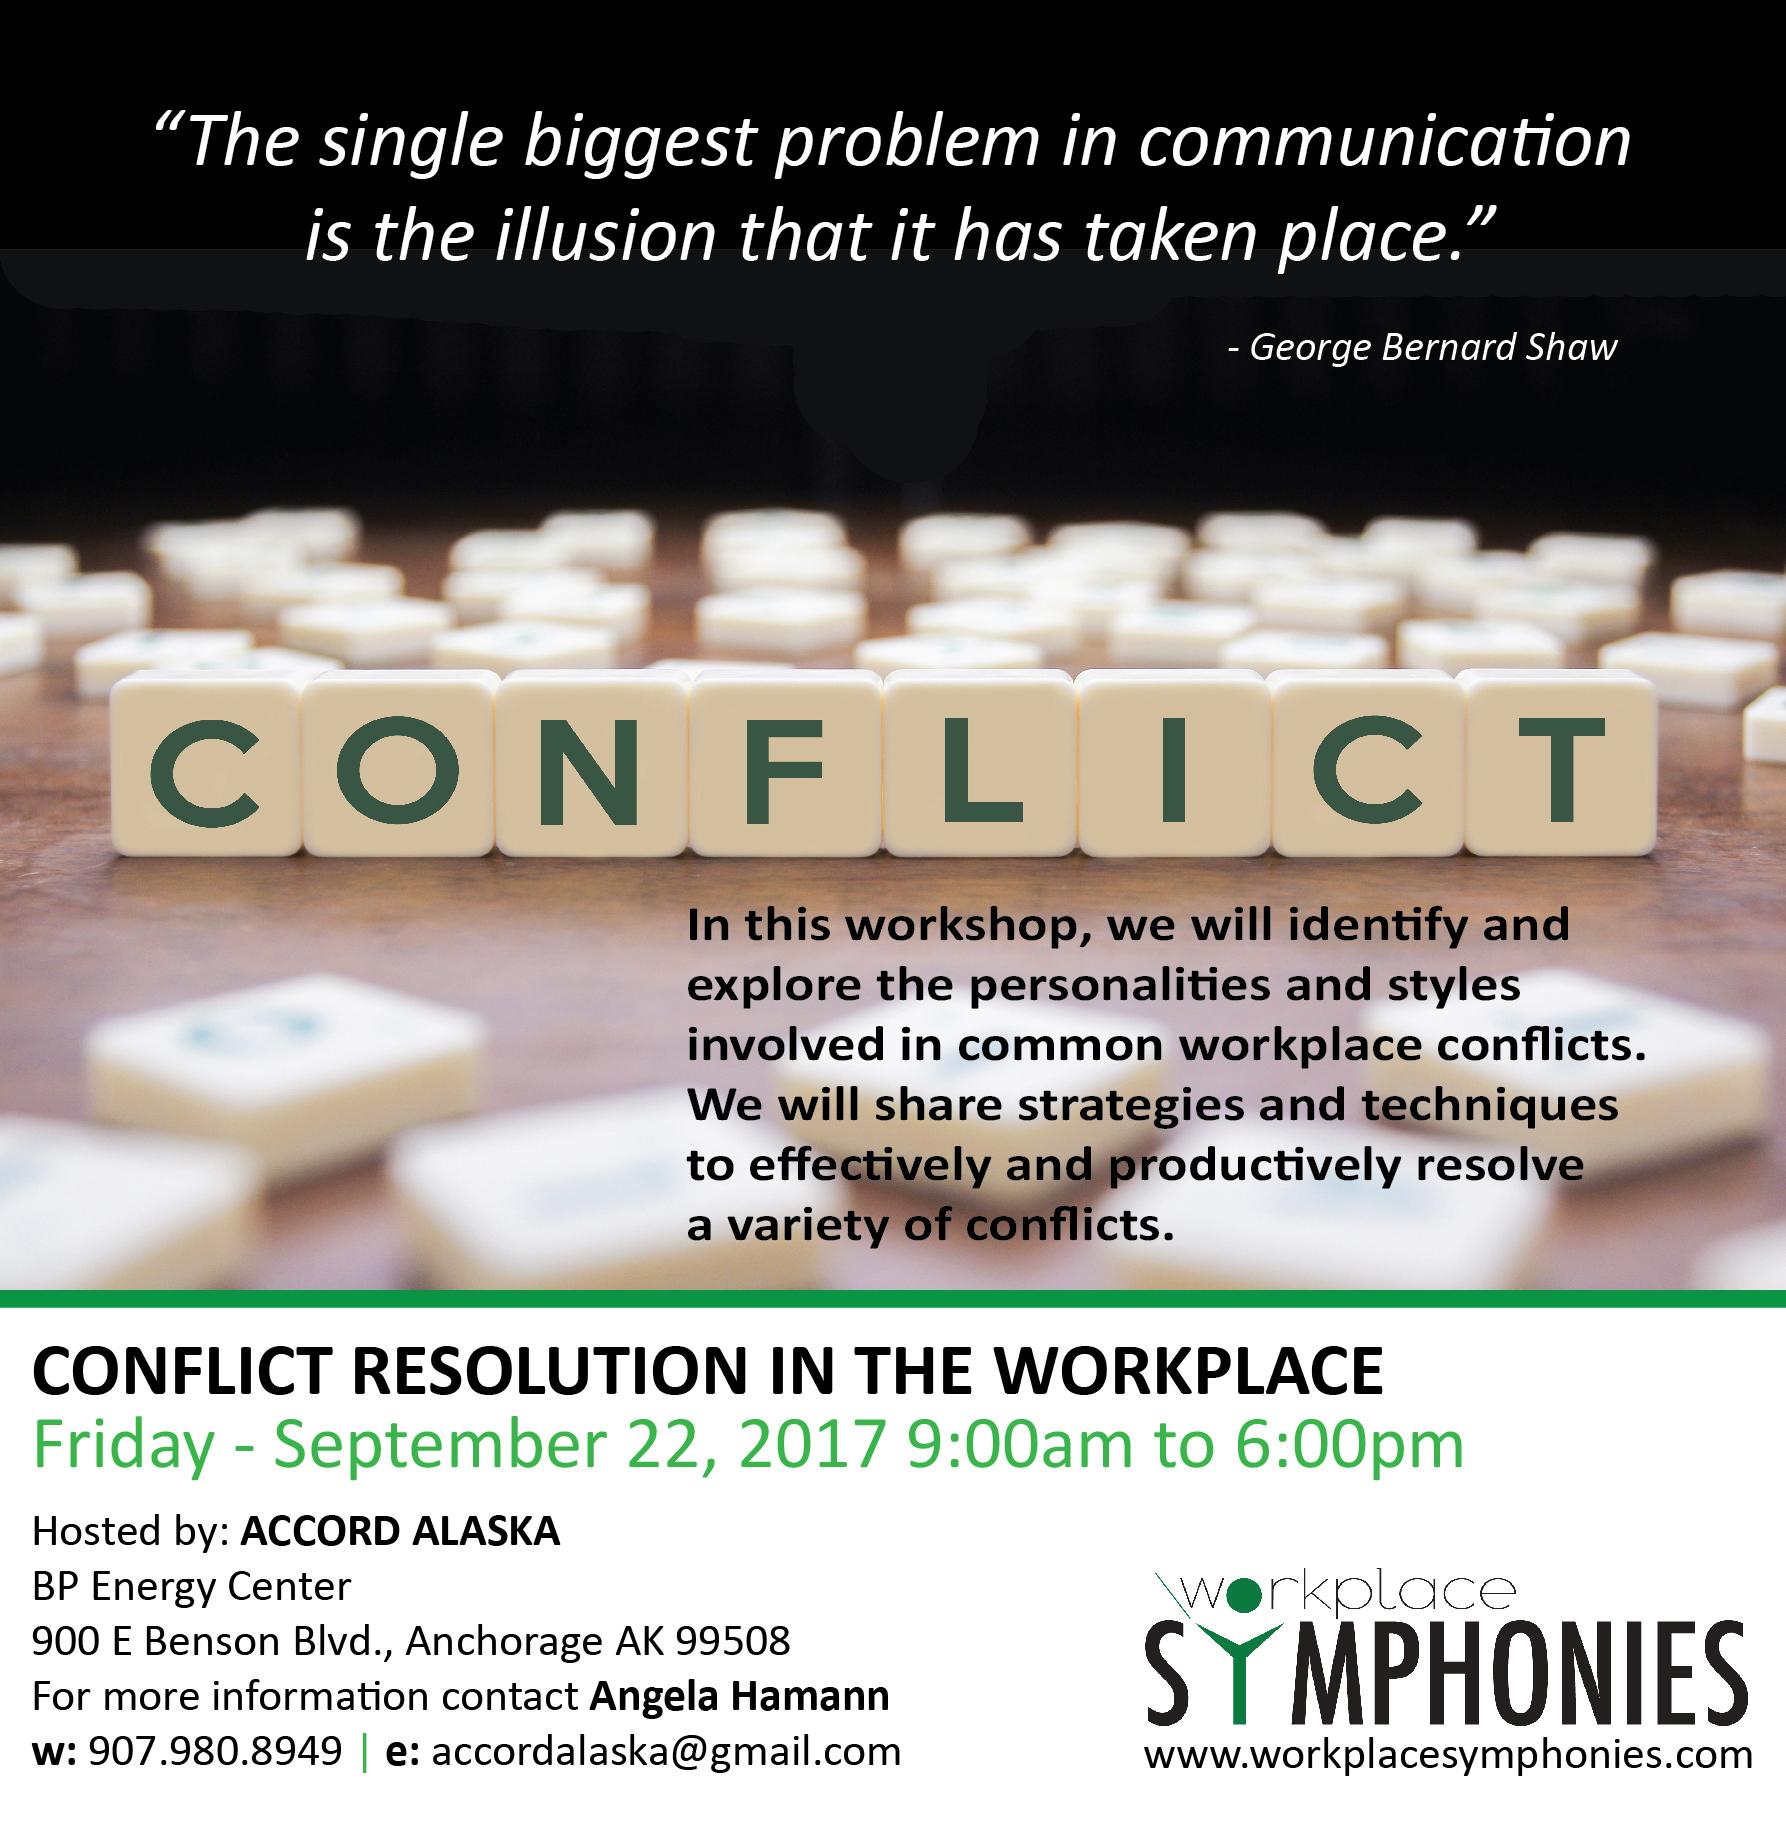 ConflictRes_AD.jpg